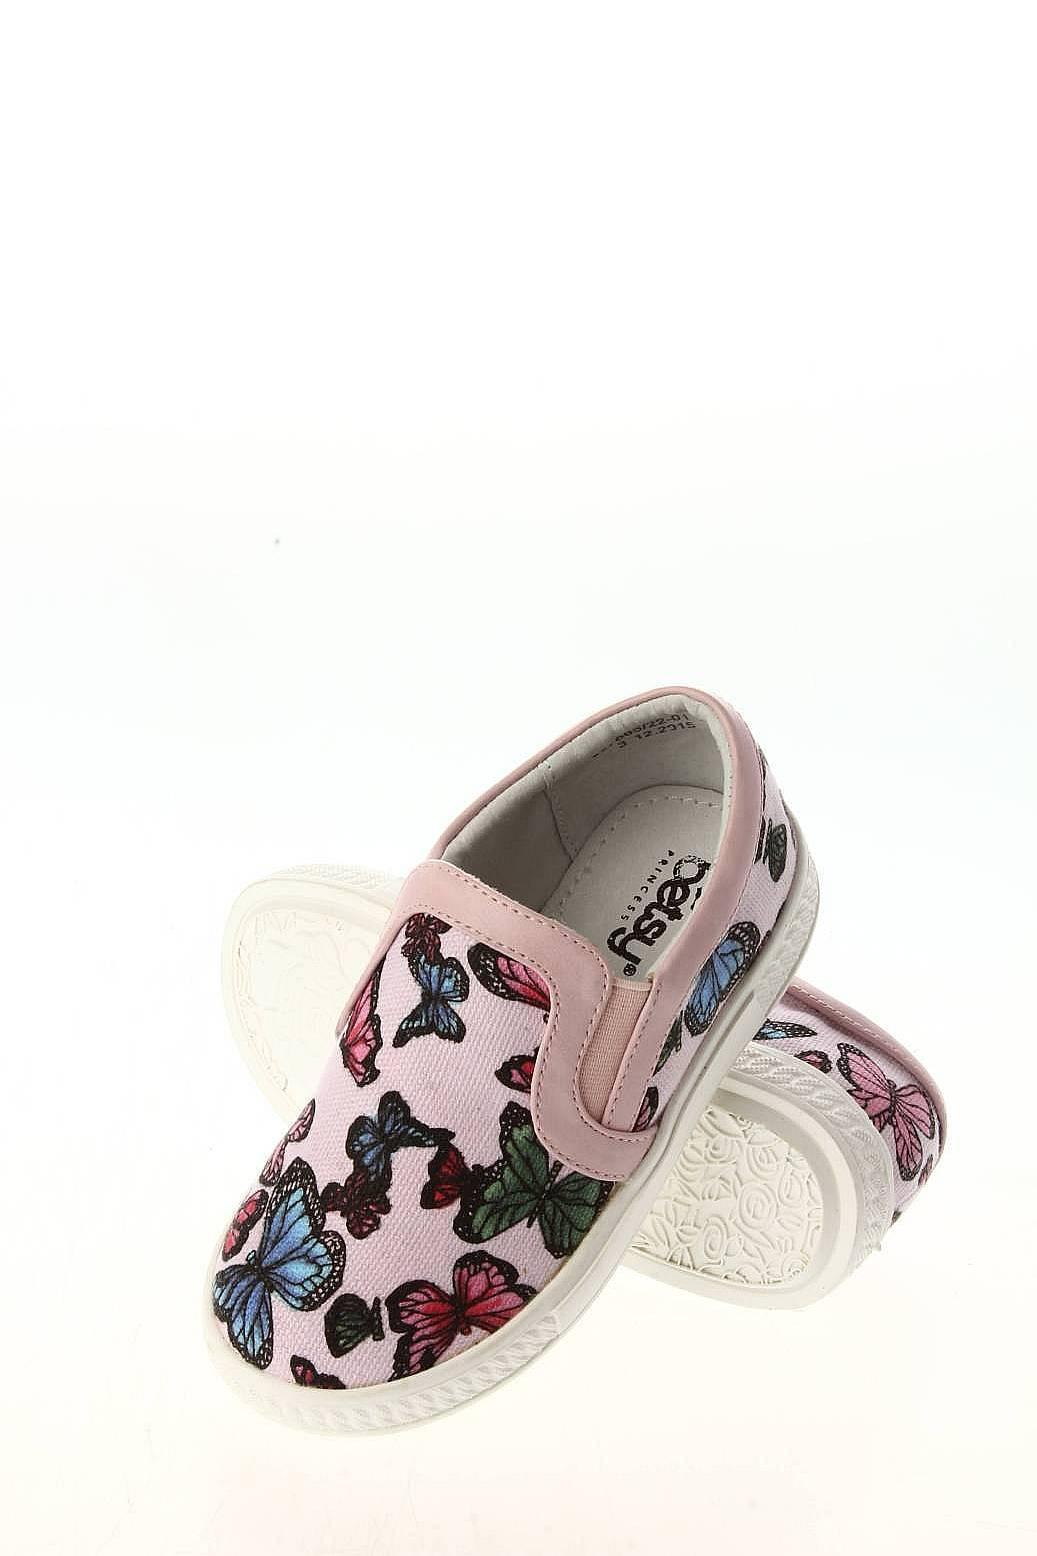 Мужская Обувь Детская Обувь Ботинки: BETSY Princess Обувь